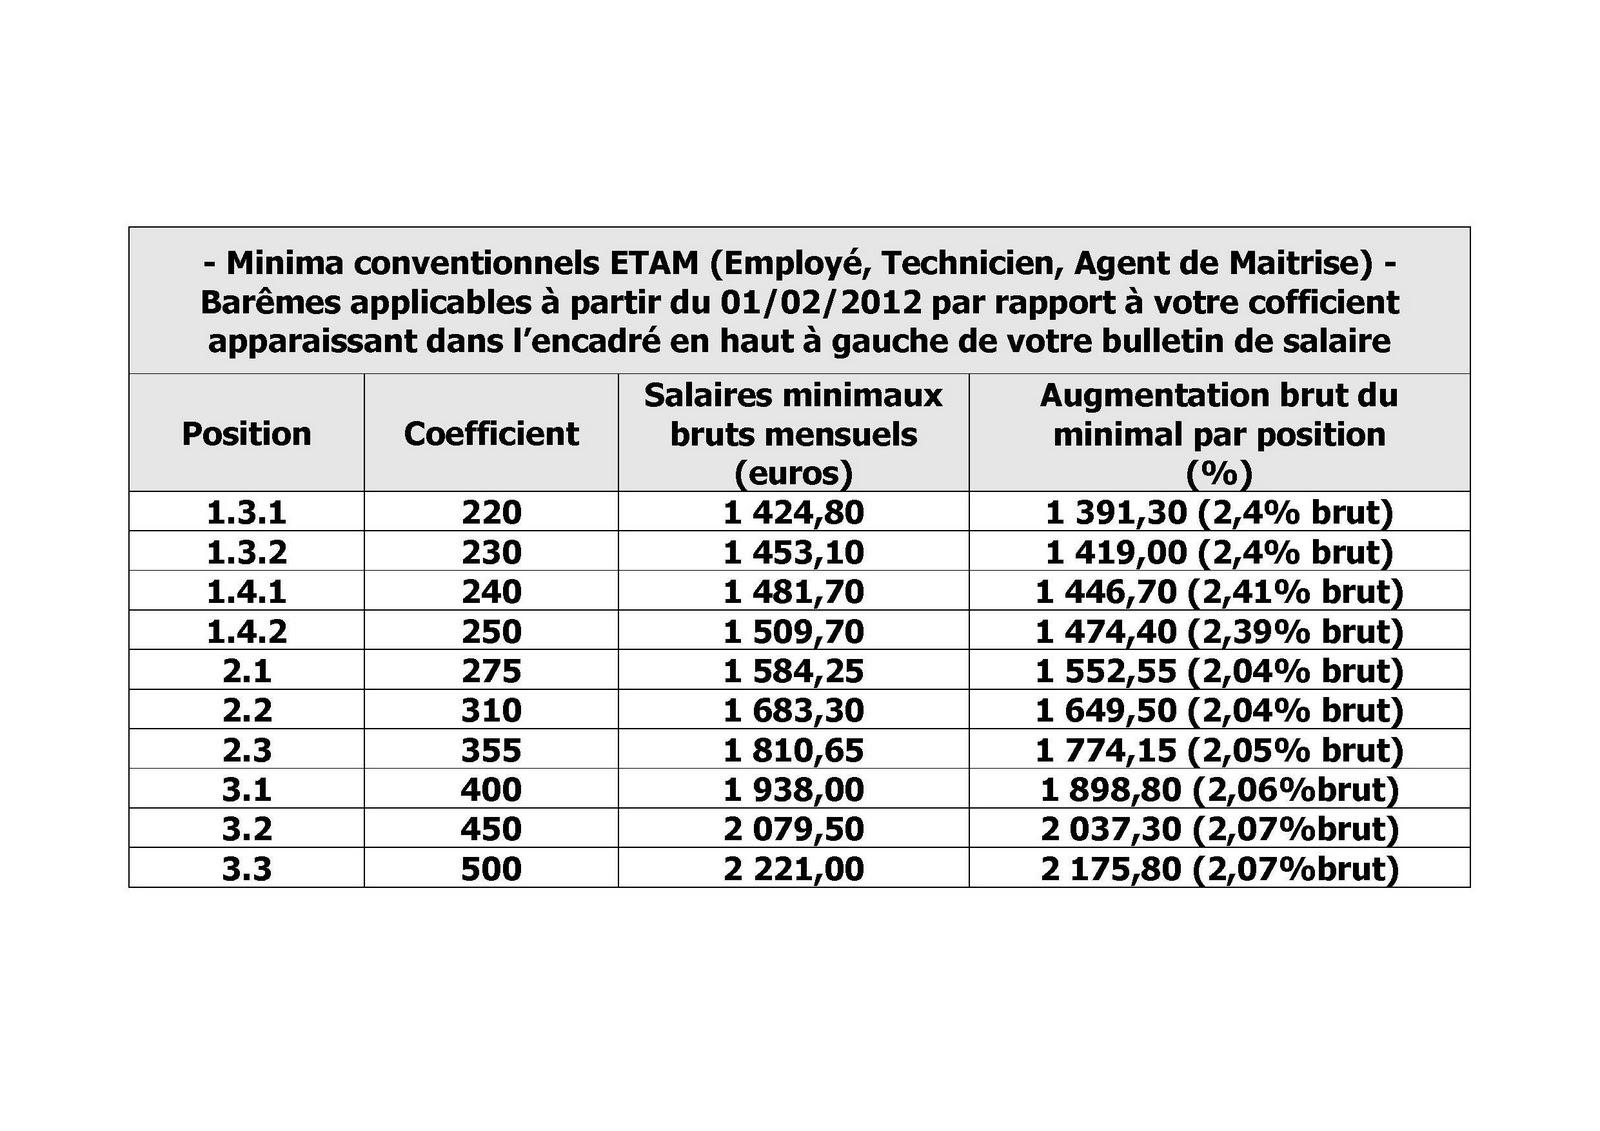 Syntec grille salaire 2016 pdf grille des salaires syntec pour les etam et les cadres grille - Grille de classification syntec ...